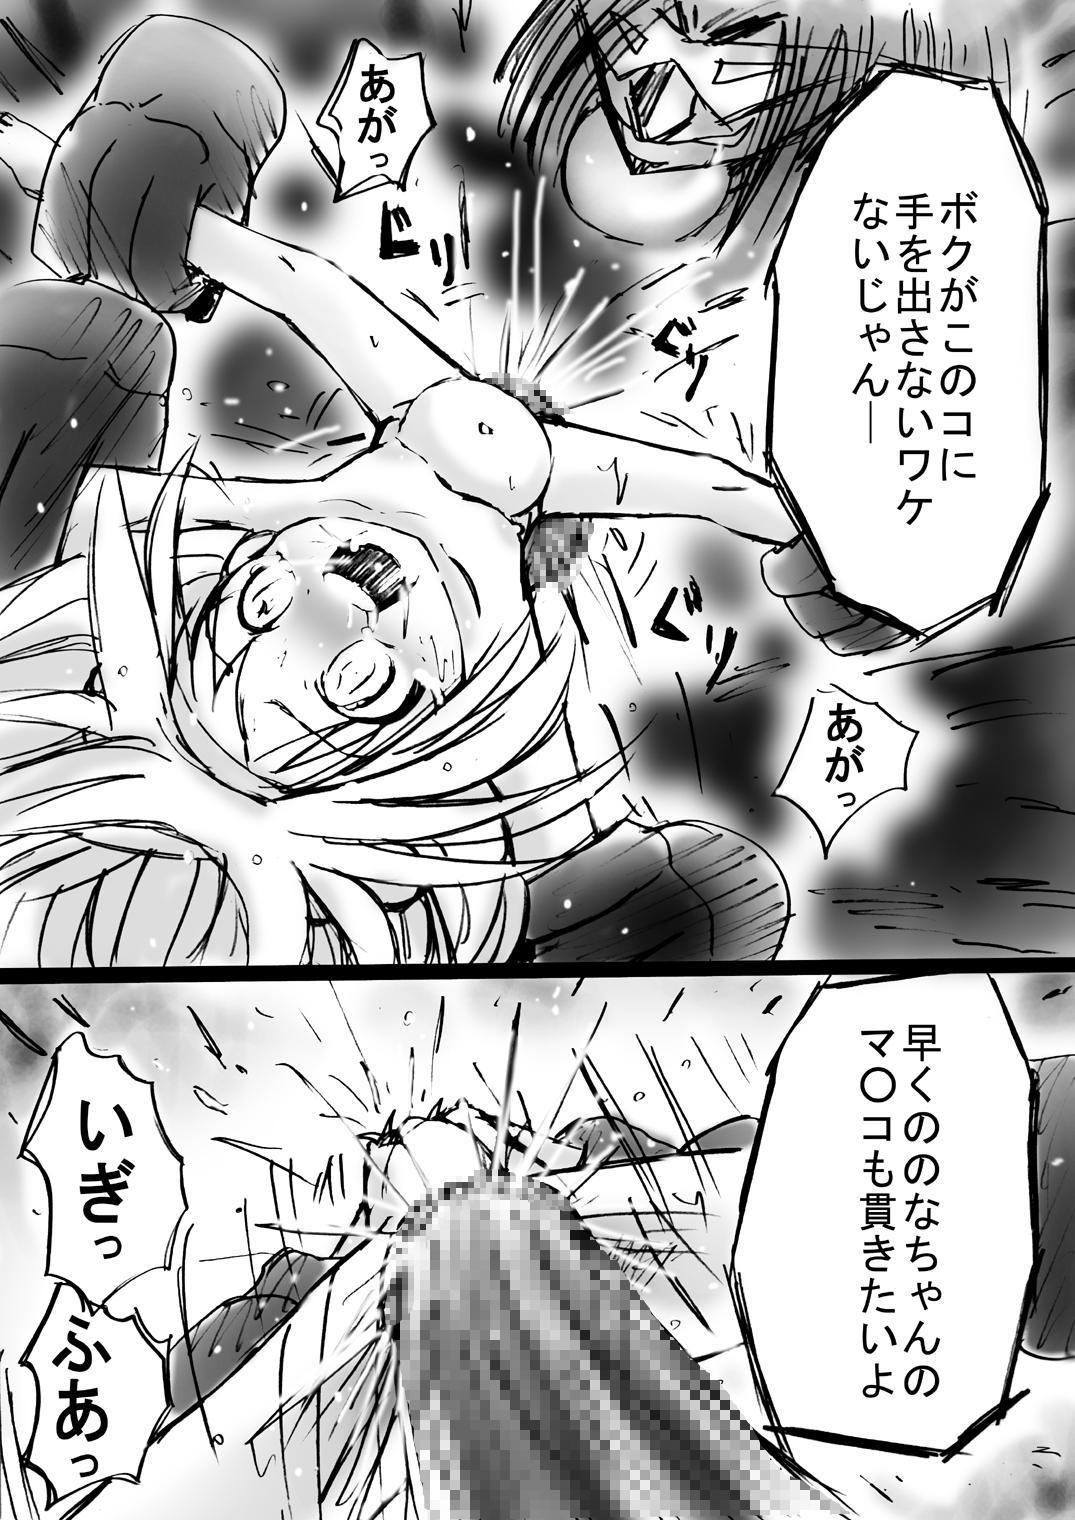 [Dende] Fushigi Sekai -Mystery World- Nonoha 5 ~Jokuma no Kyouniku no Tainai Shinshoku~ 139